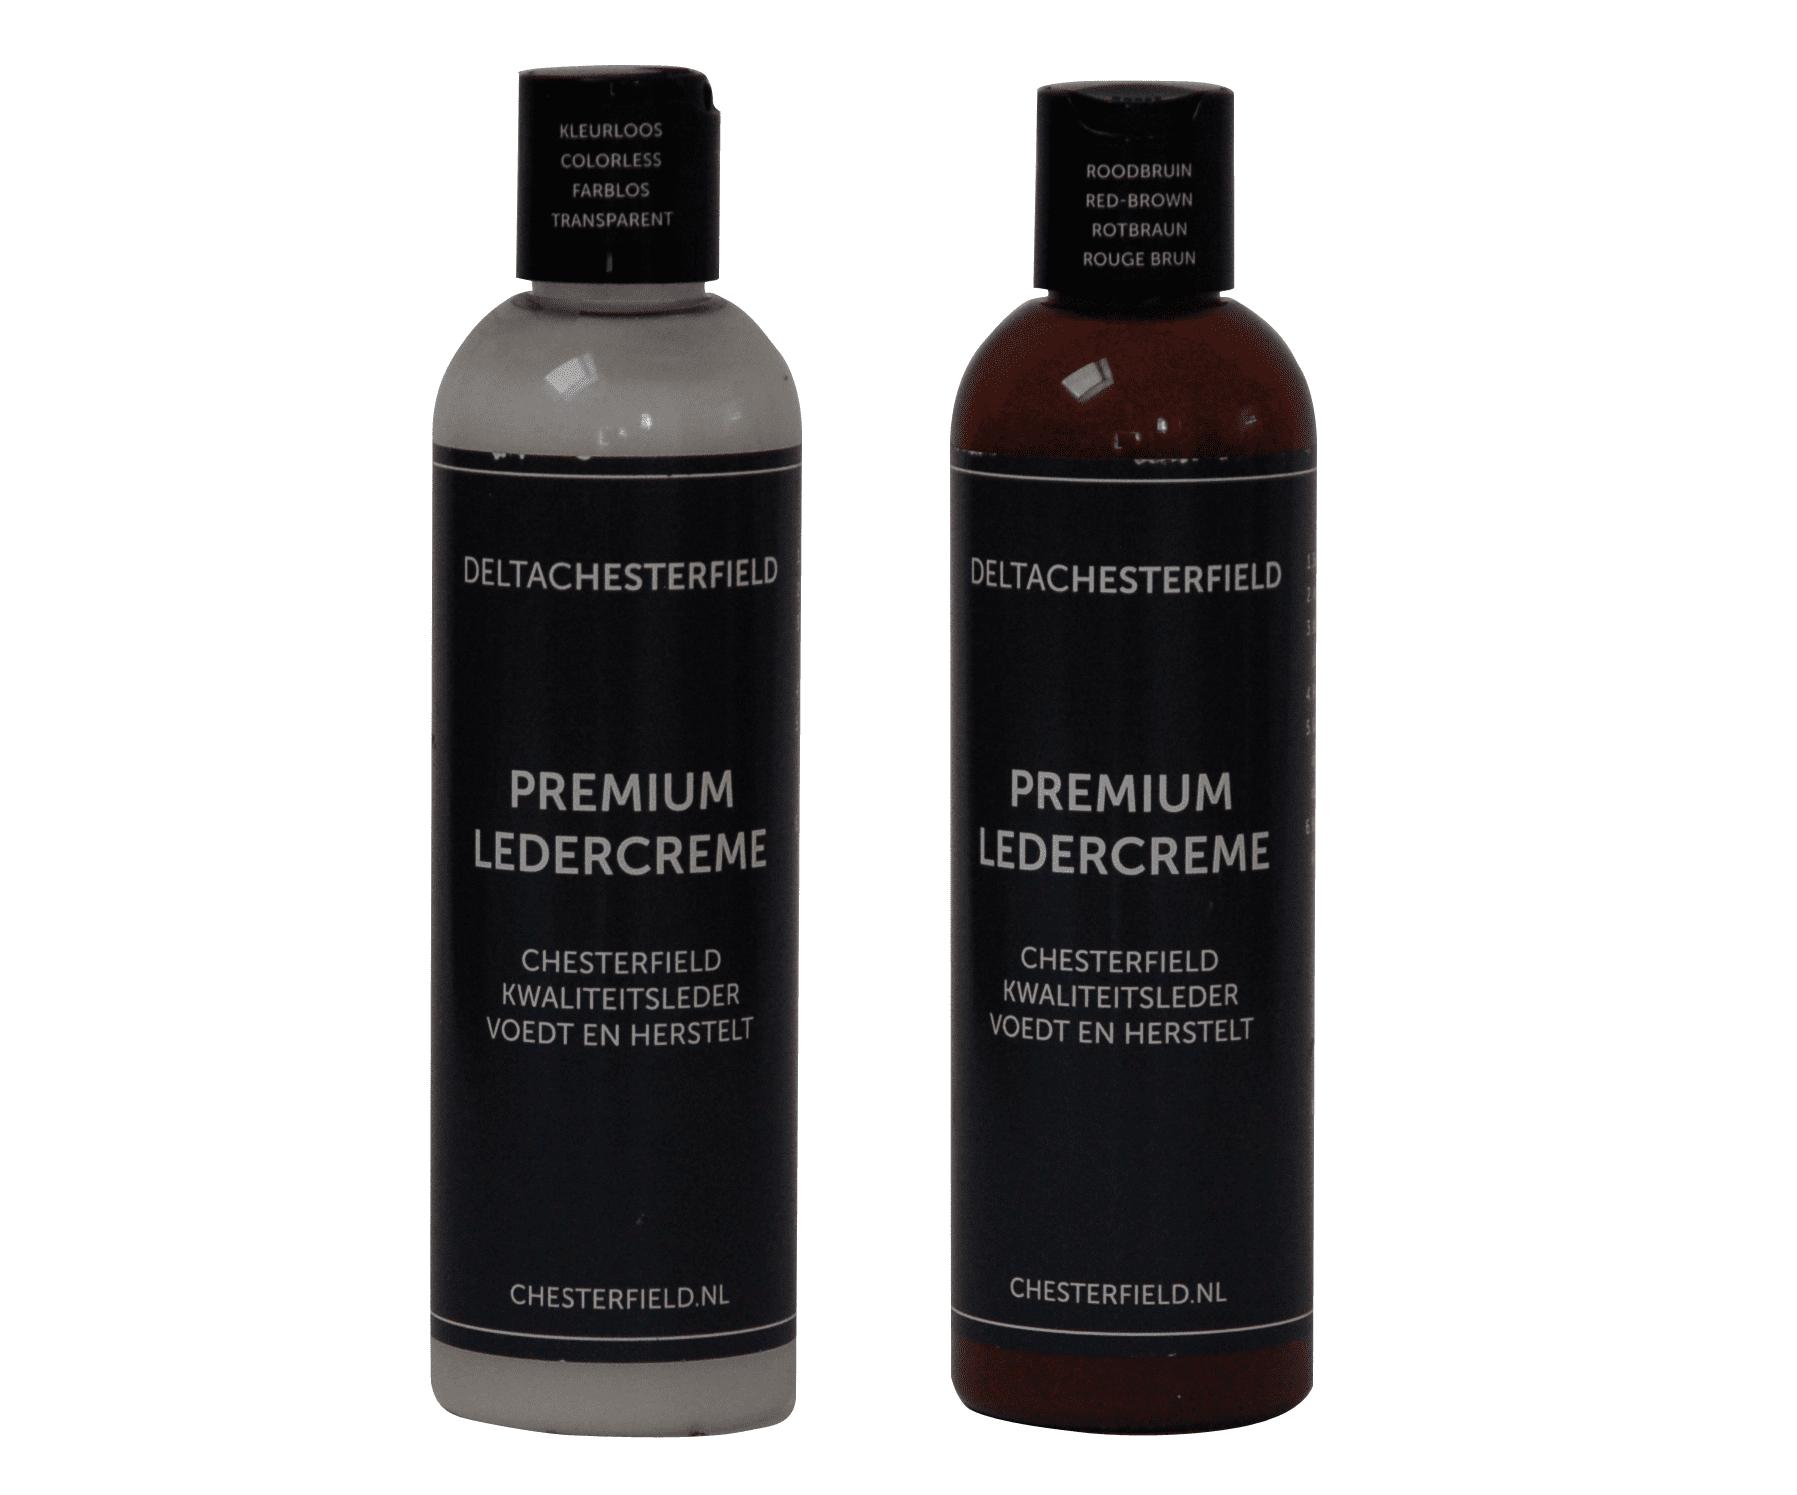 premium ledercreme kleurloos-roodbruin voordeelset